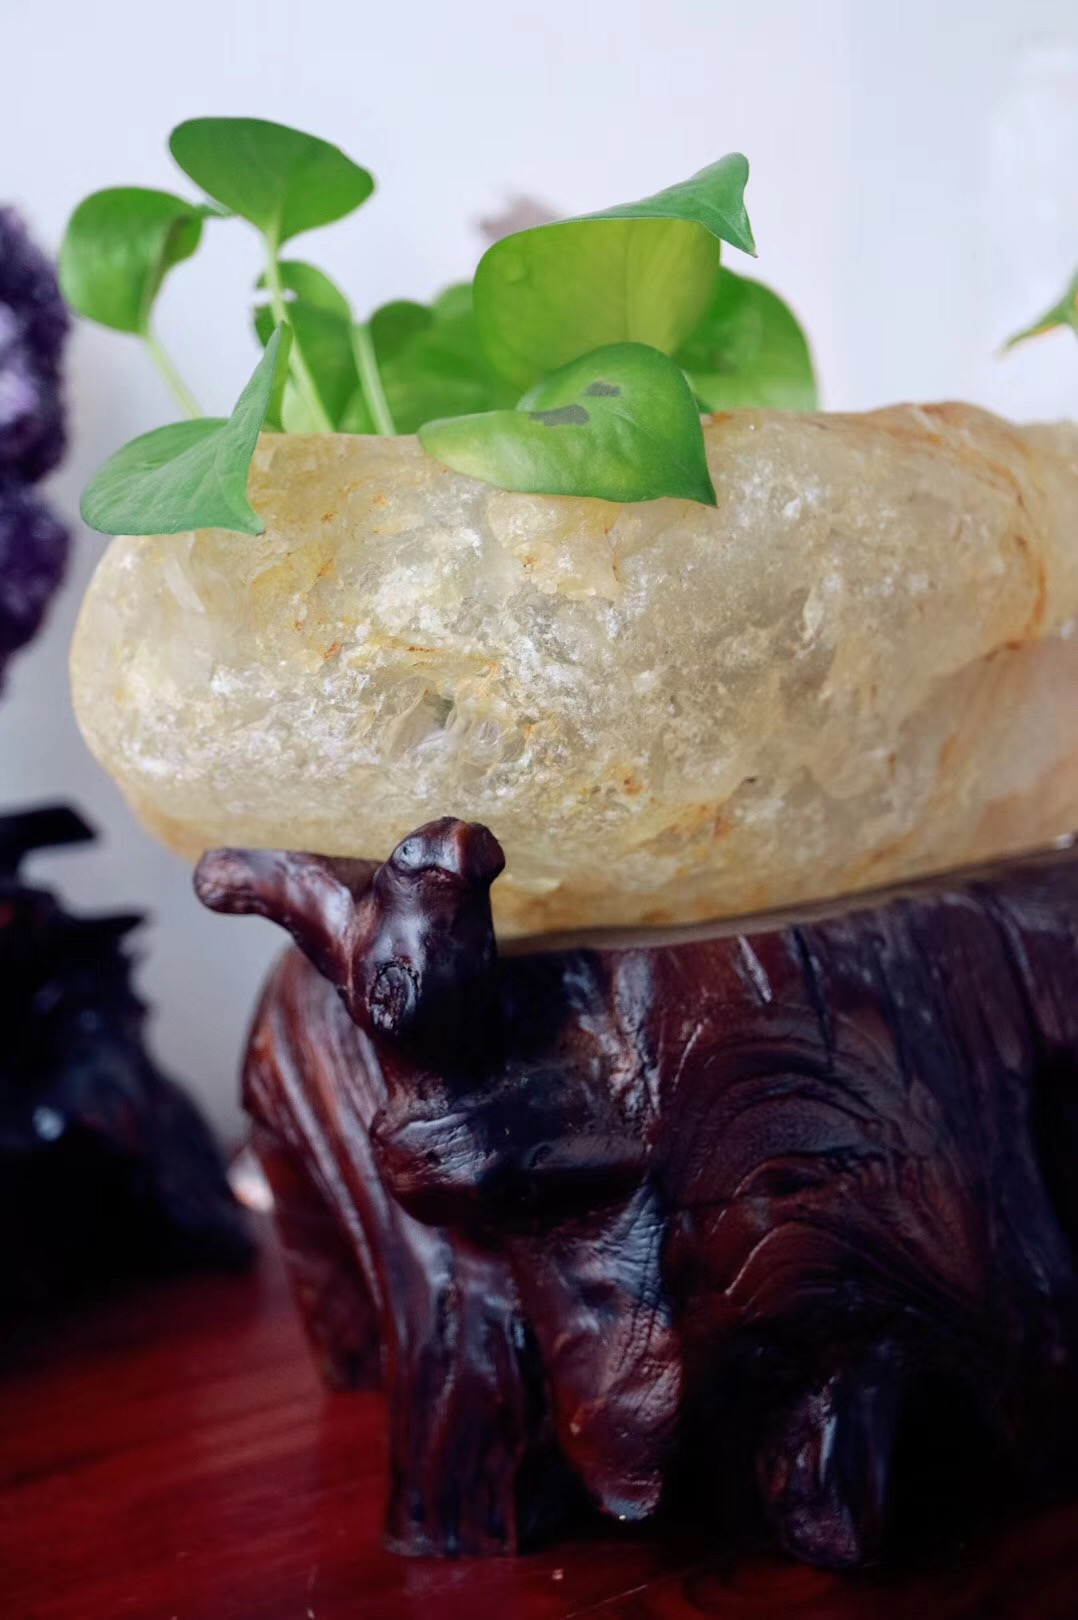 【菩心 | 白水晶聚宝盆】一只经典天然原矿水晶盆-菩心晶舍